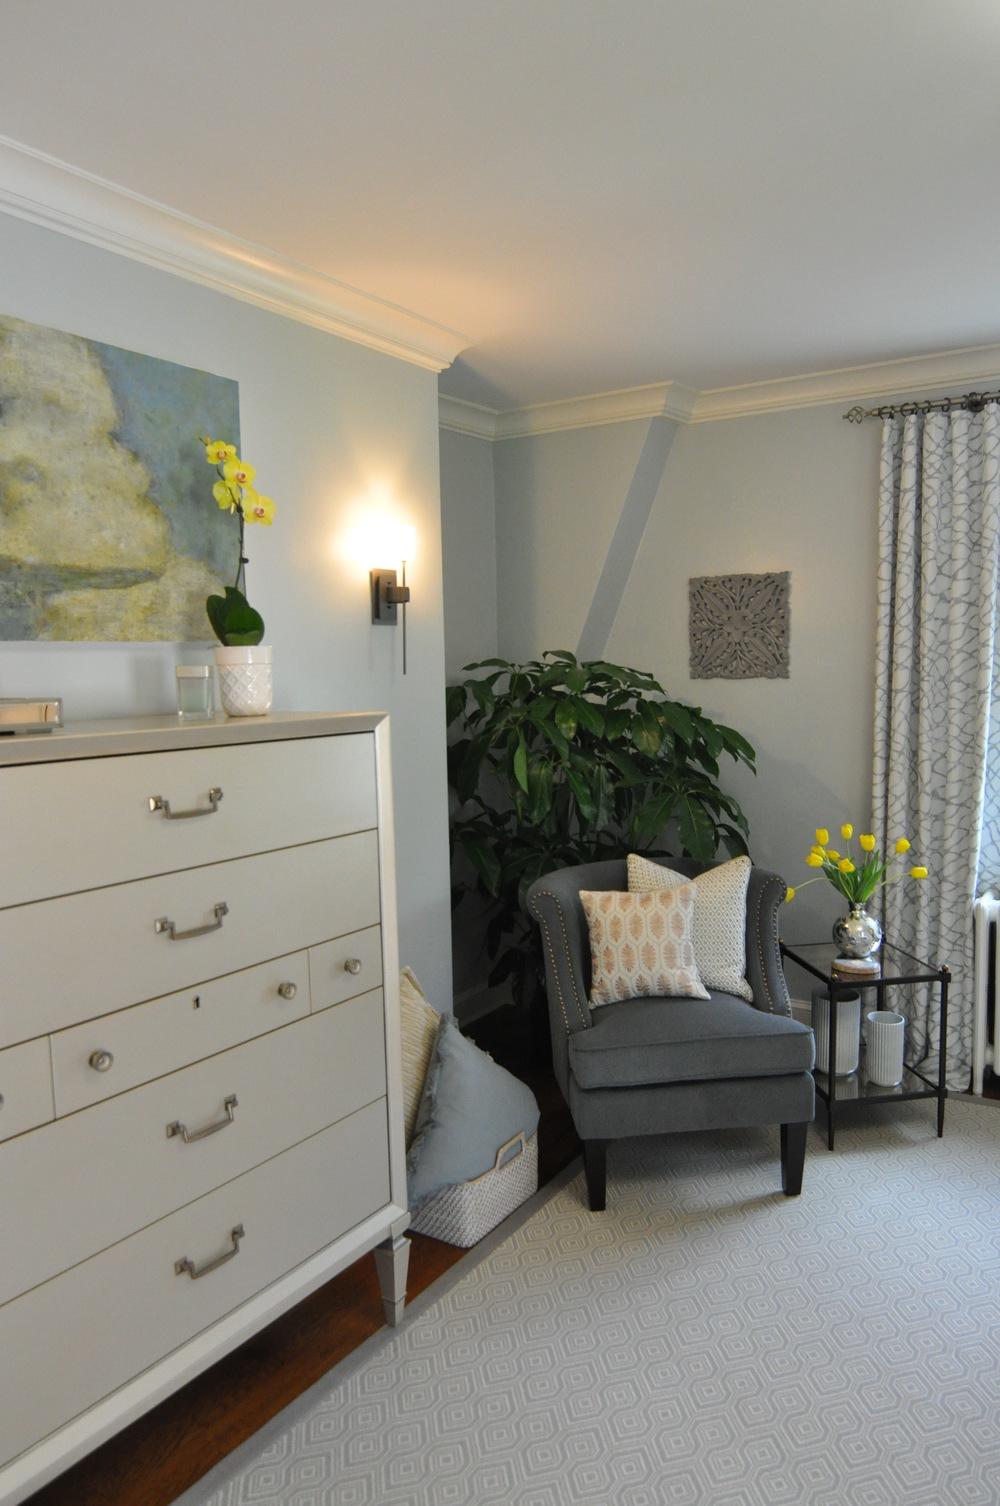 #321_Bedroom_CornerChair - 1.jpg